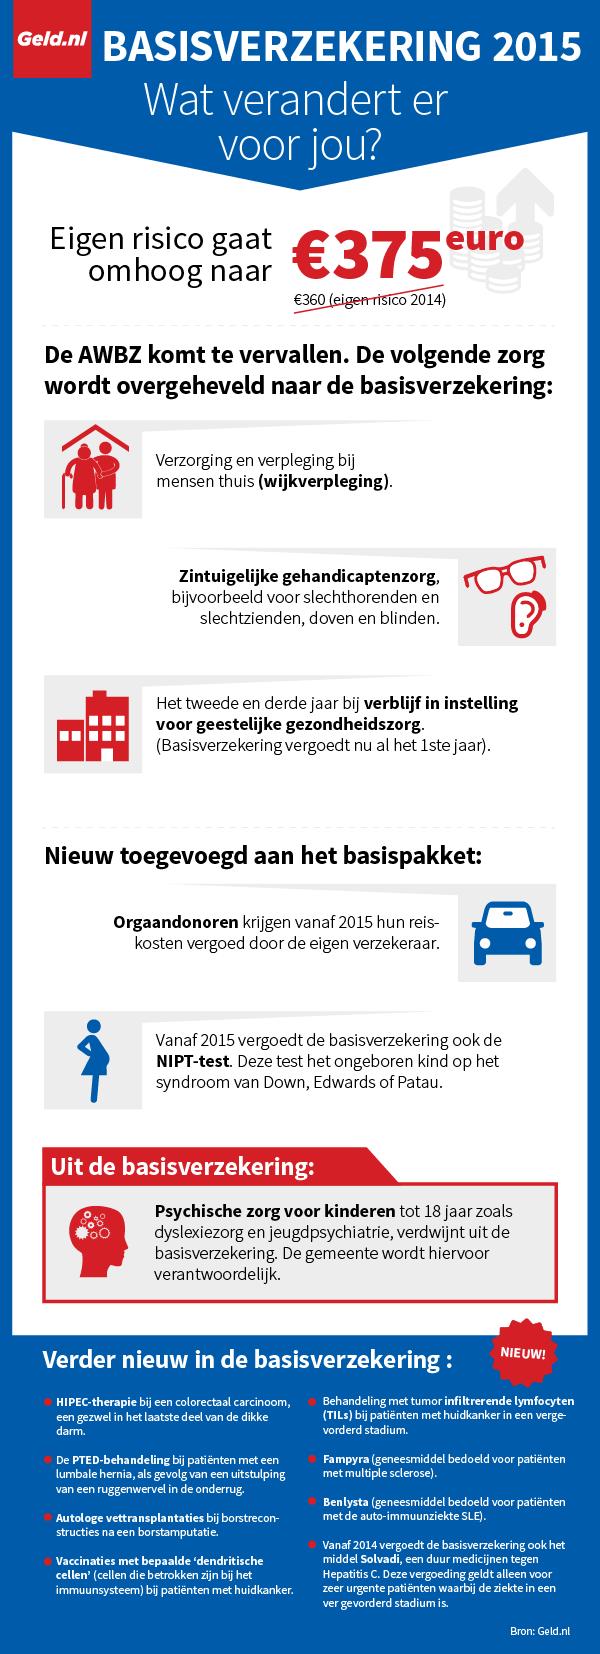 Infographic: Veranderingen basisverzekering 2015